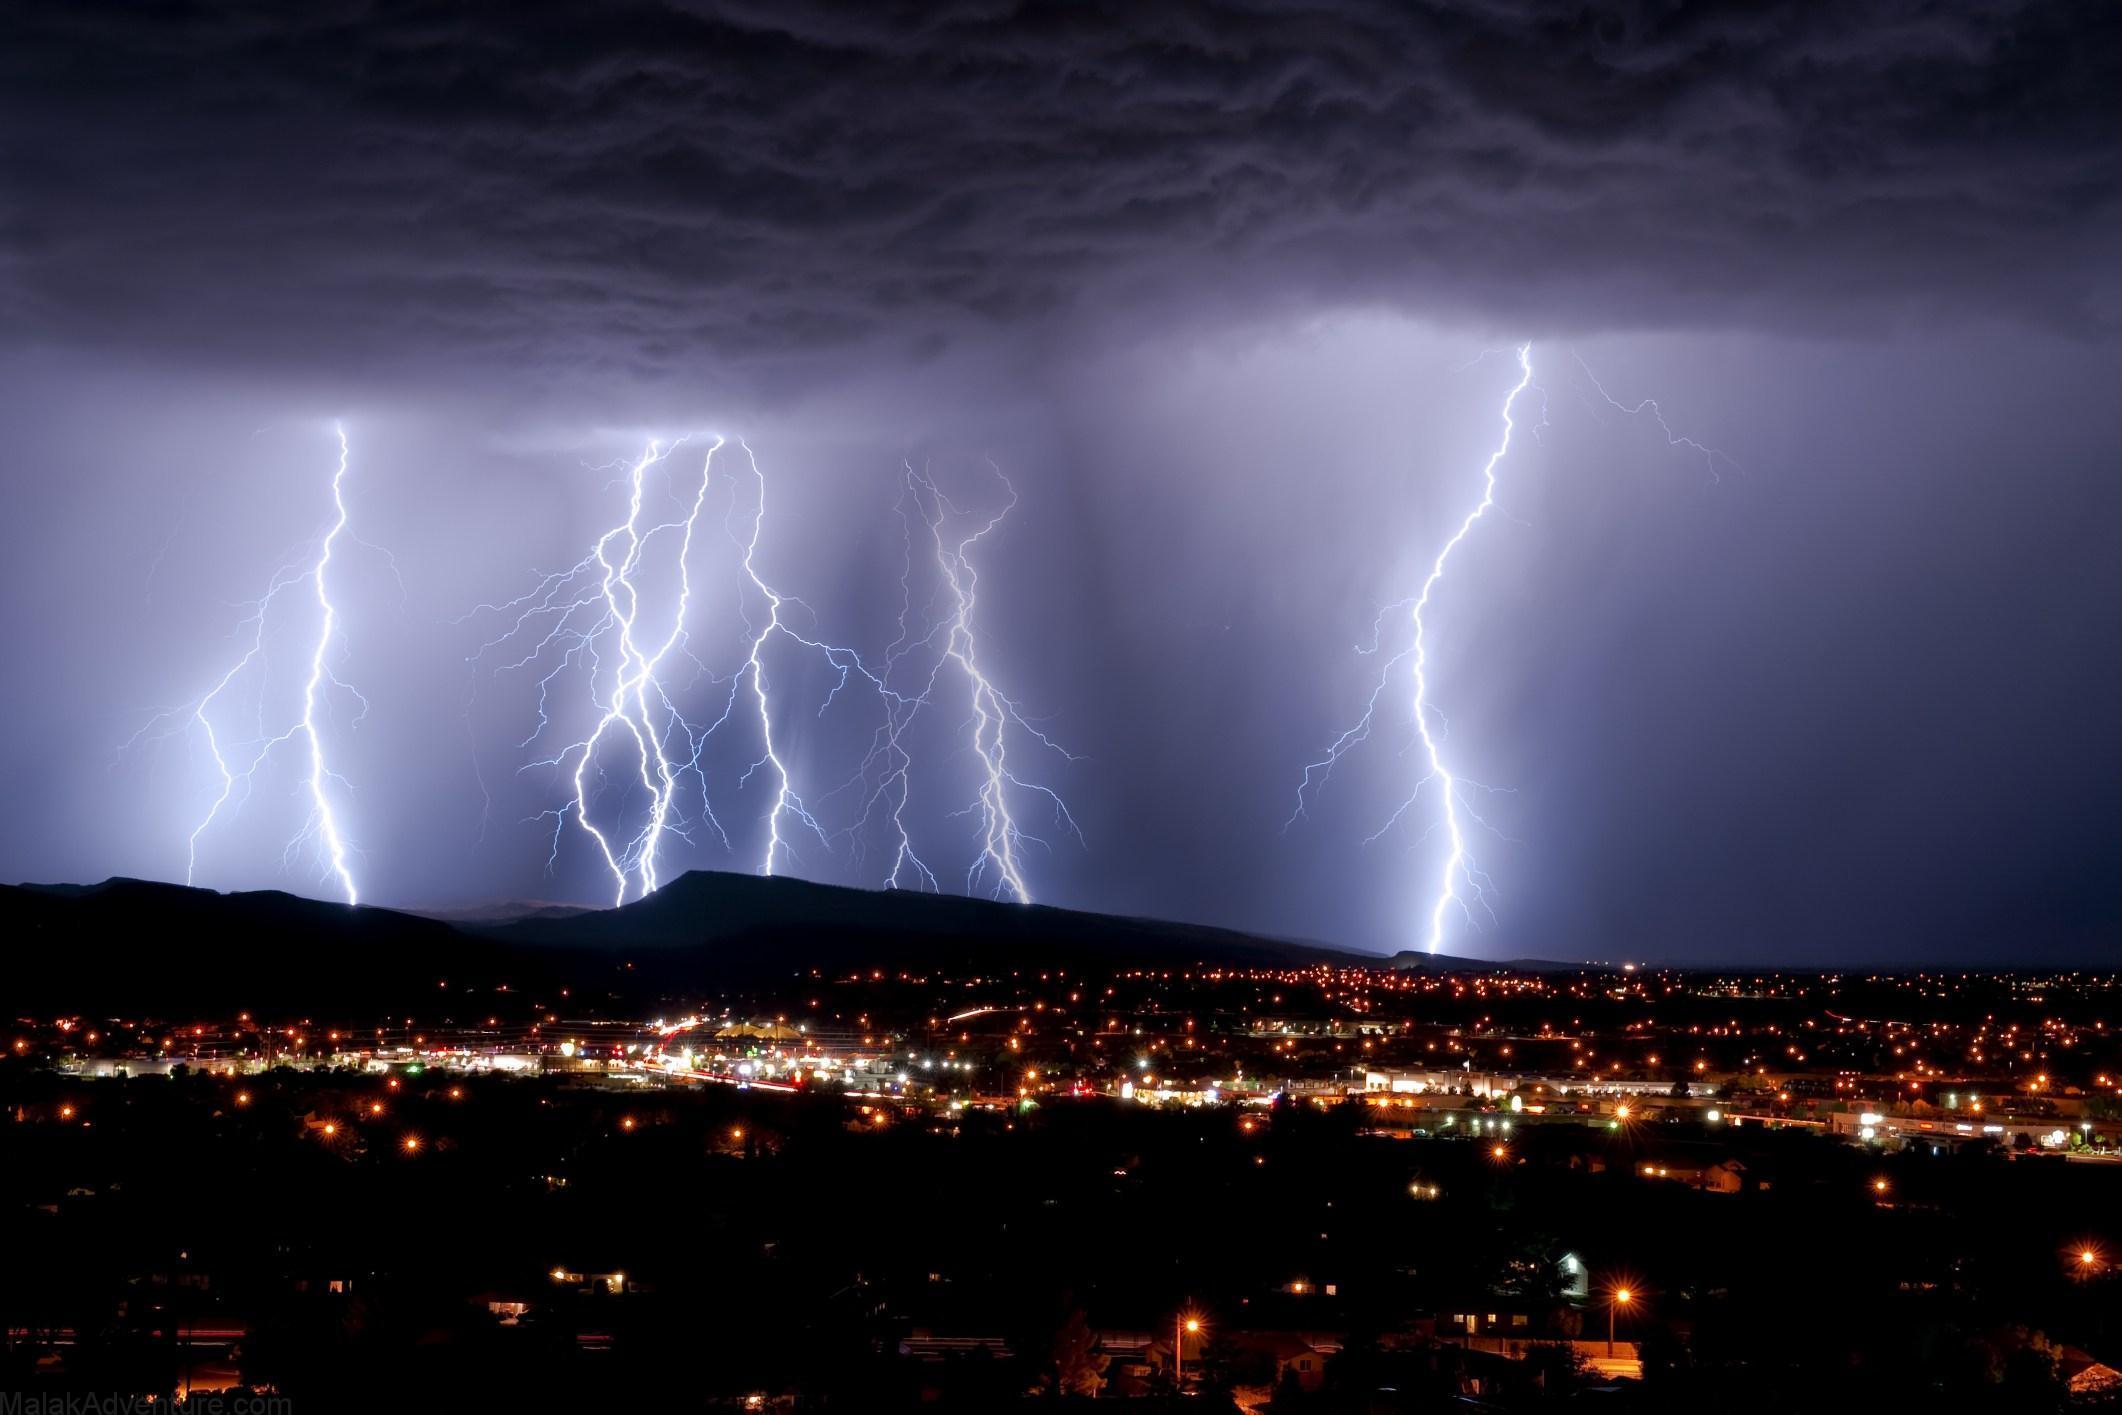 ¿A qué distancia está una tormenta?